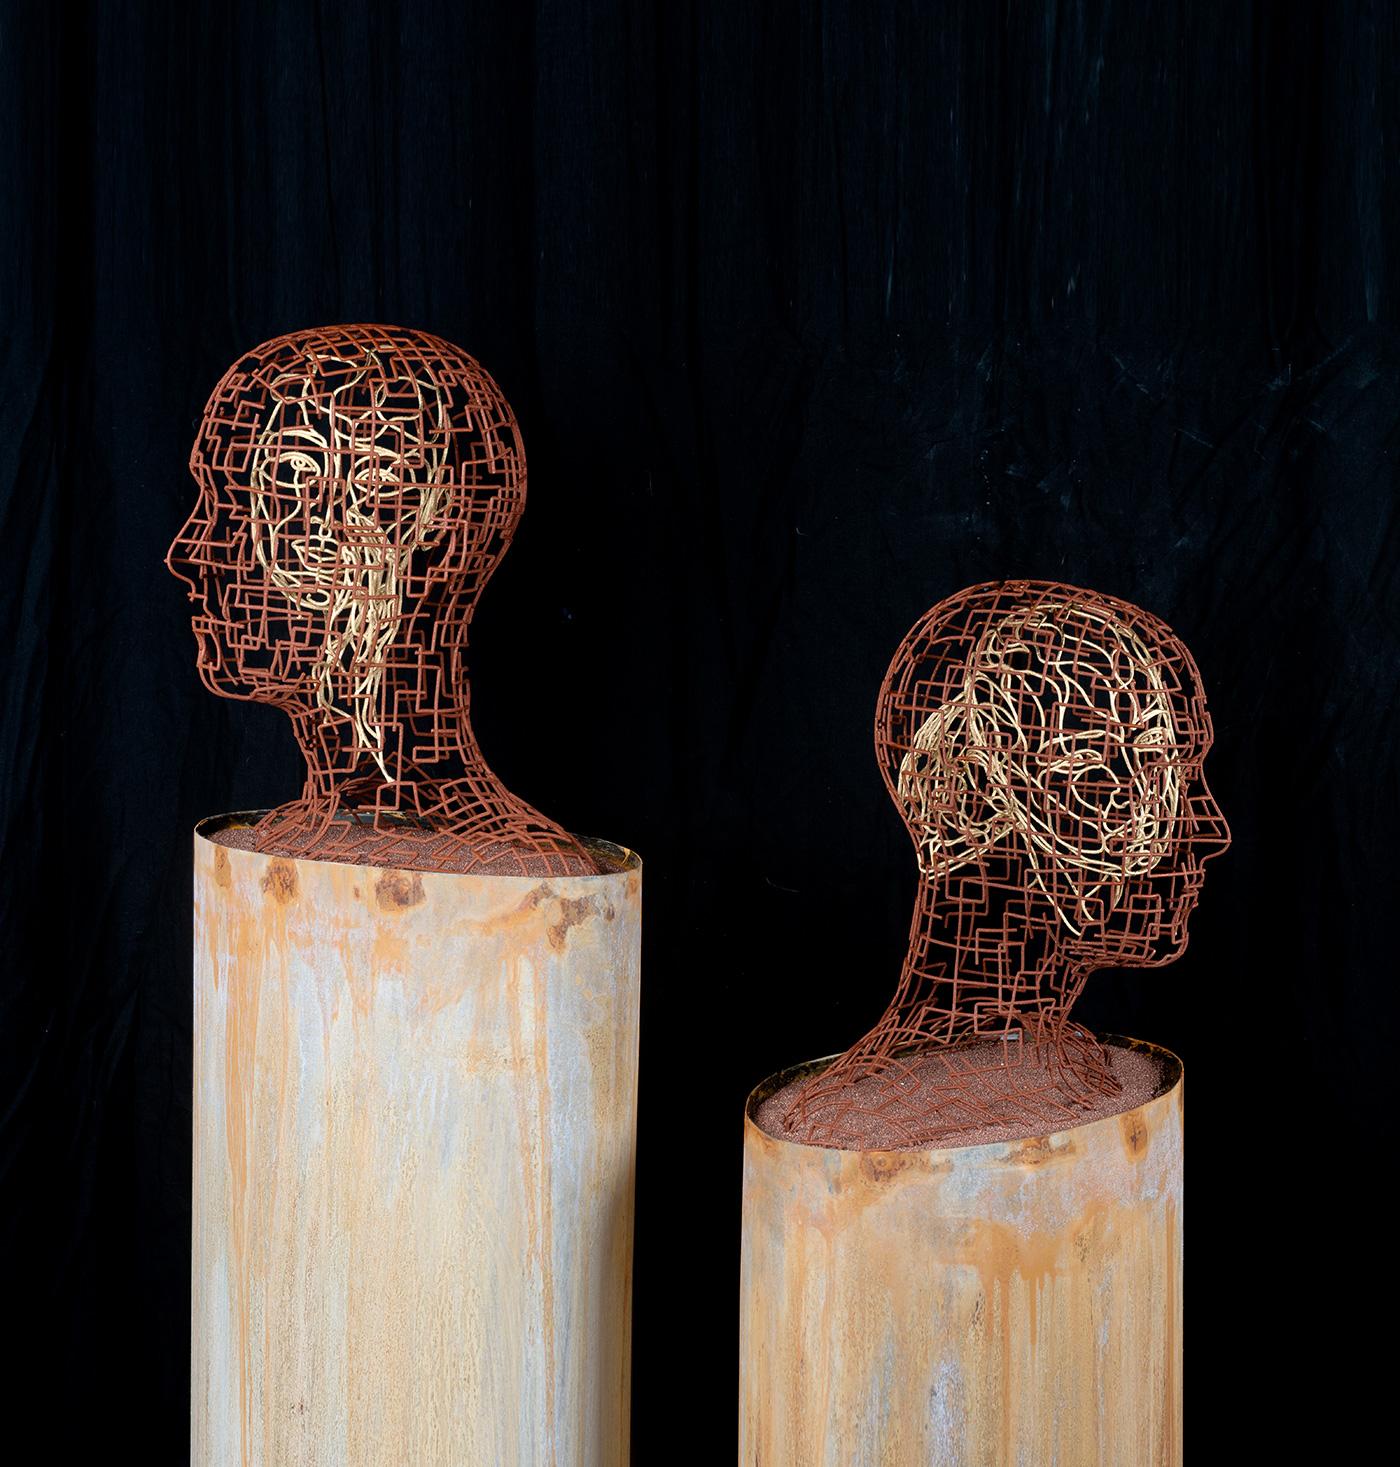 Bonzanos A.G., Ascoltami, Parlami, Scultura in filo SLS Duraform, realizzata con stampante 3D, 145x48,5x25,5 cm, 2017.